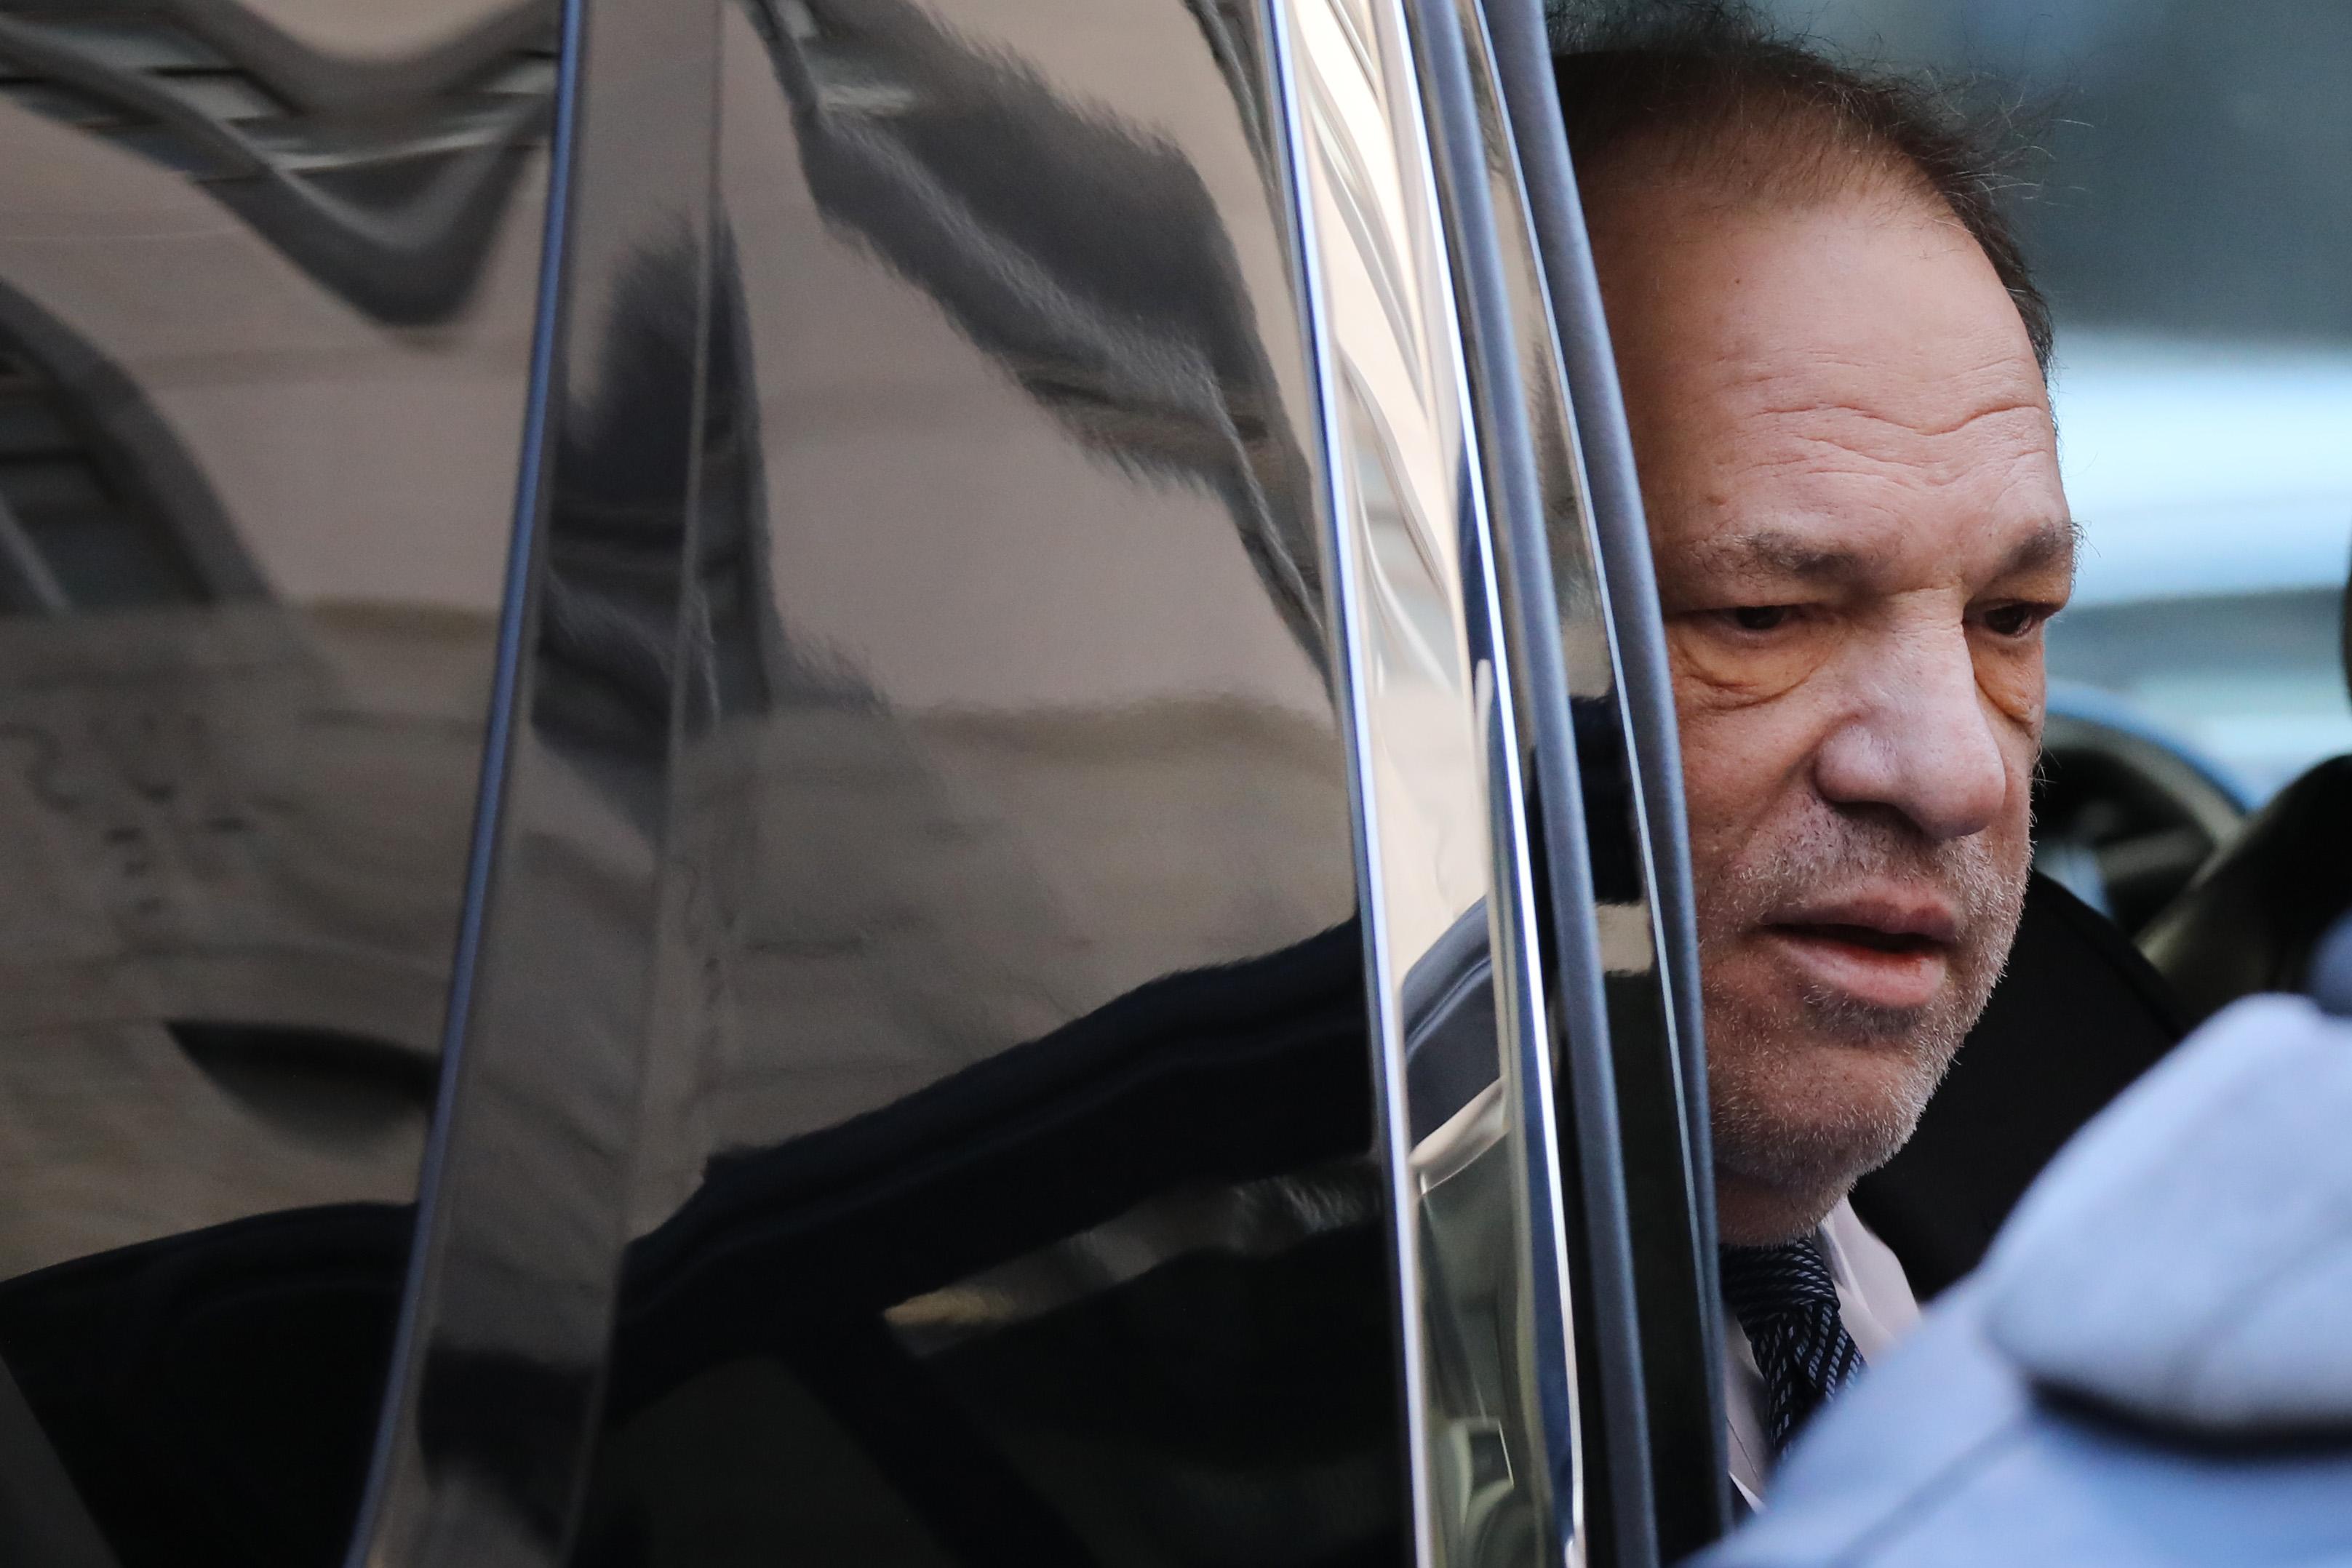 Harvey Weinstein's face seen through the open window of a car.